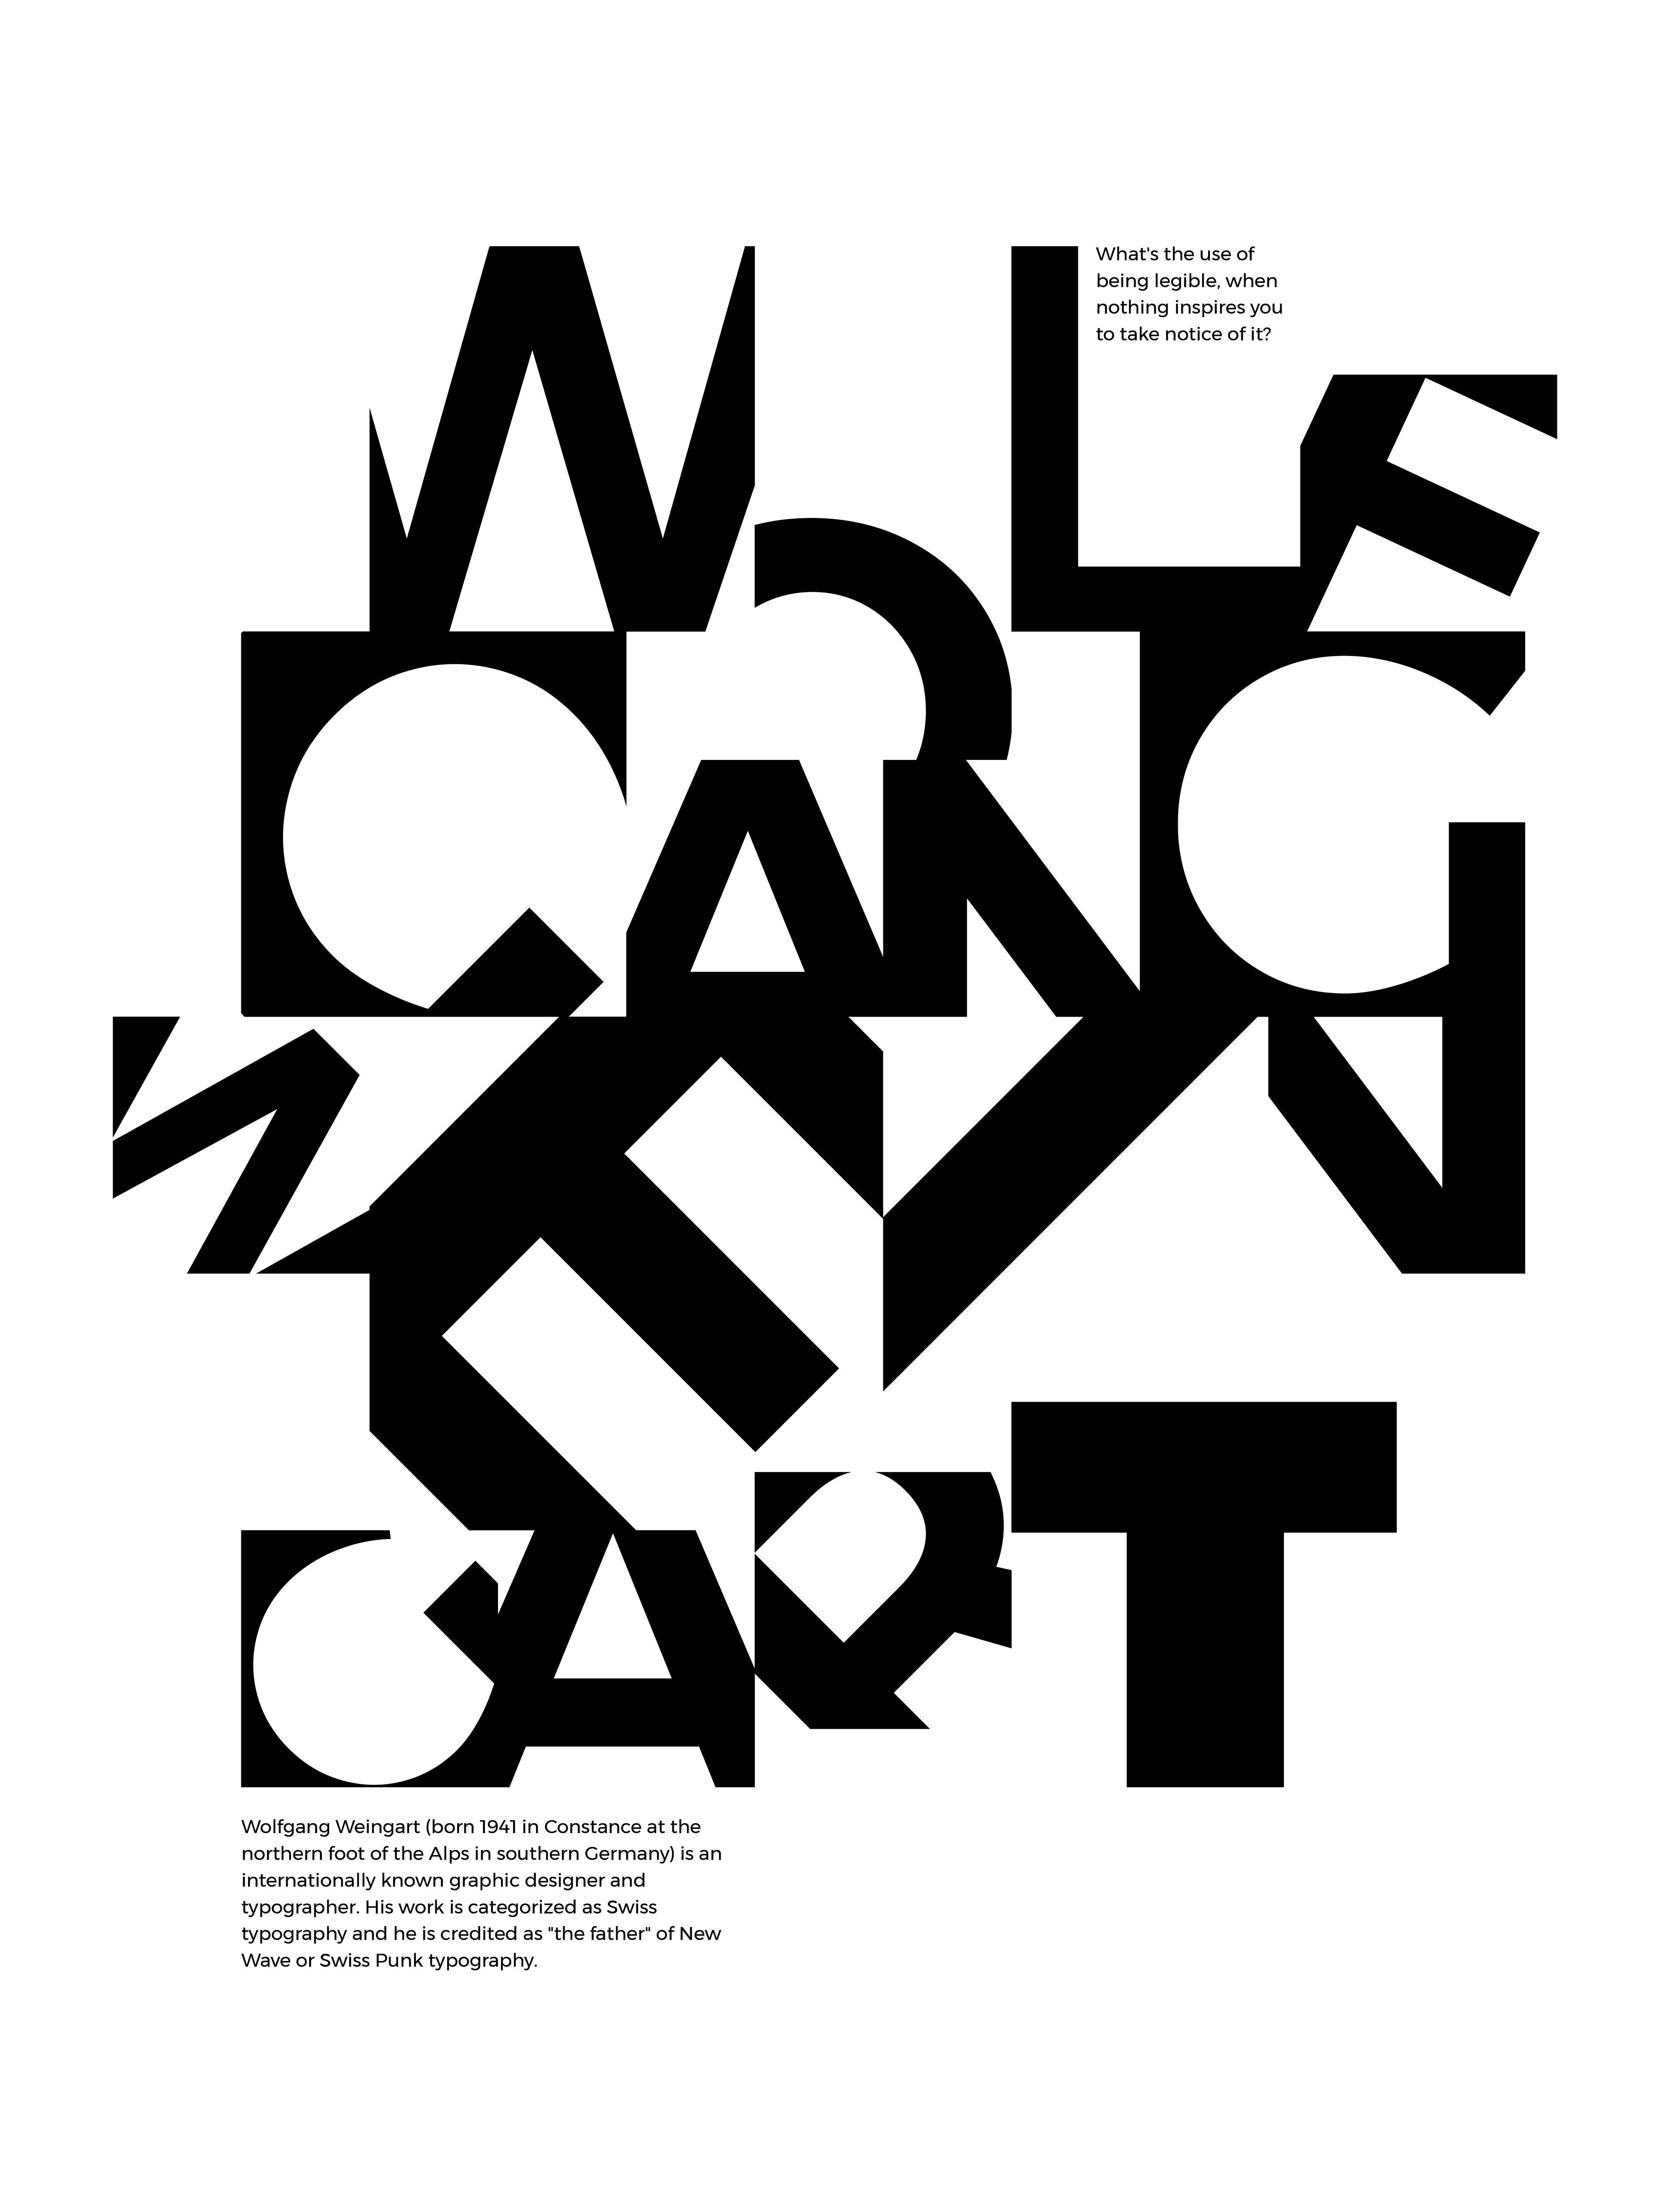 Matthew Carter Wolfgang Weingart Poster